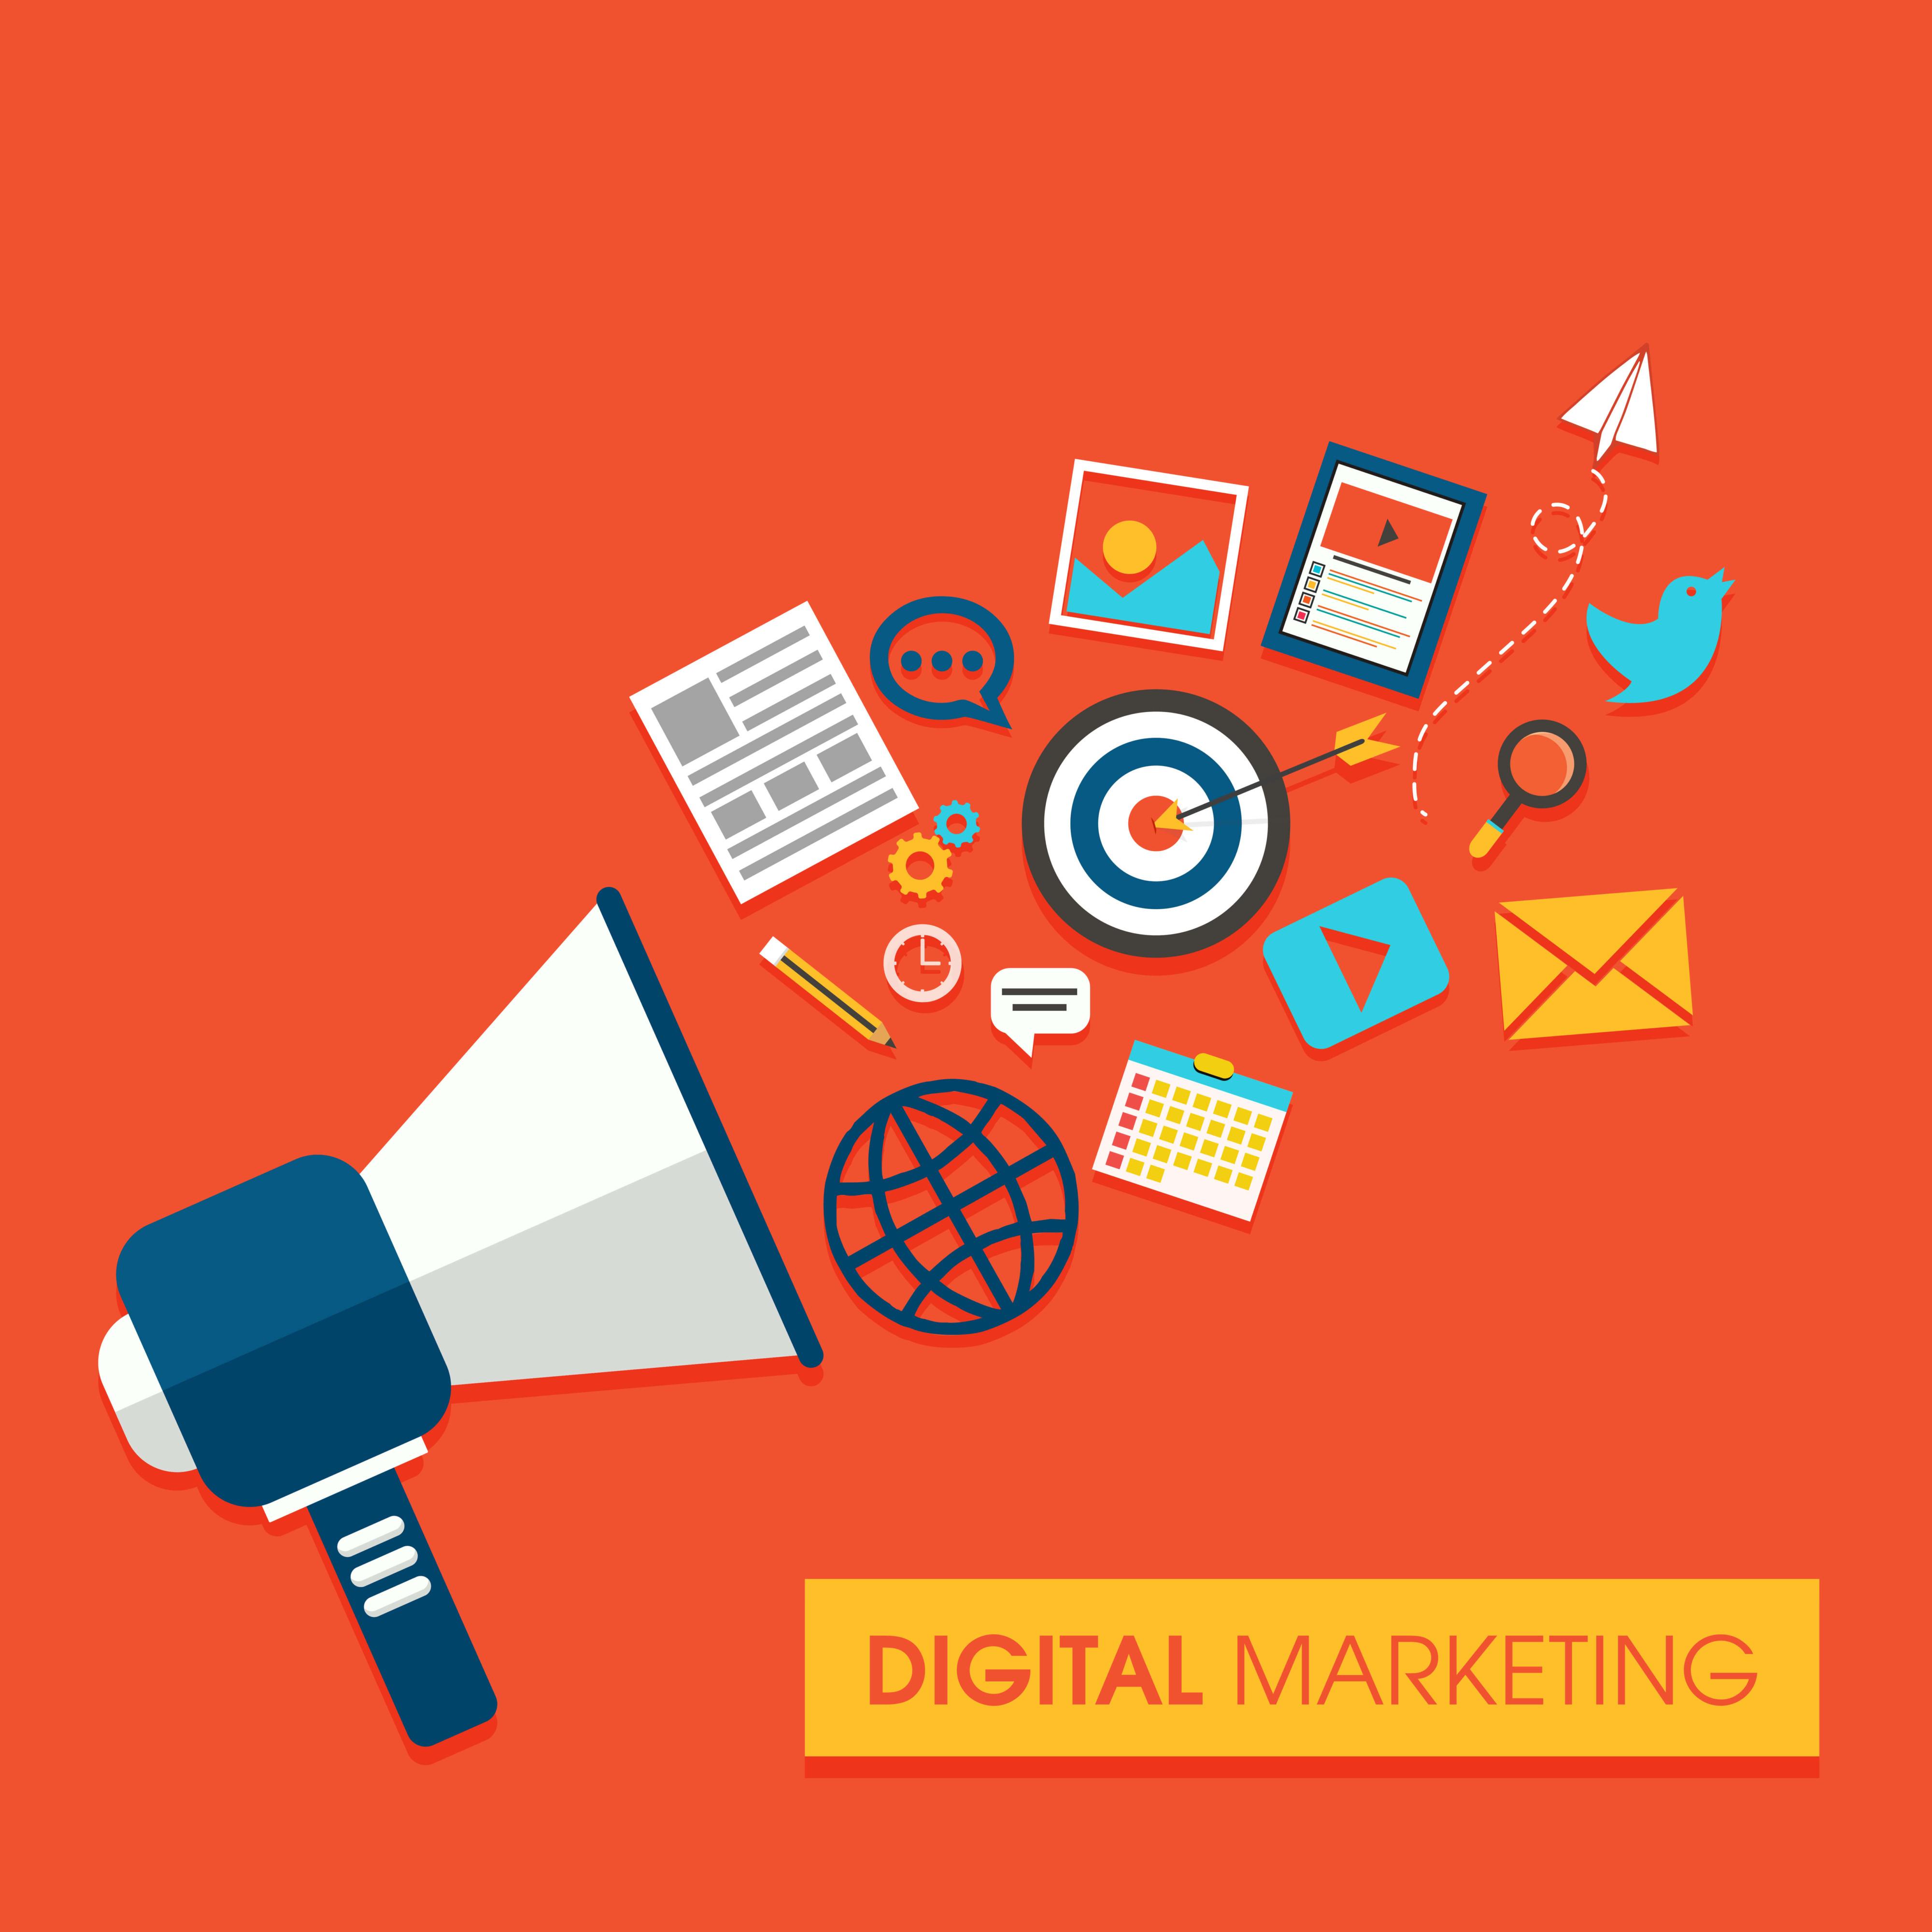 Digital Marketing Improvements and tips hong kong New Digital Noise